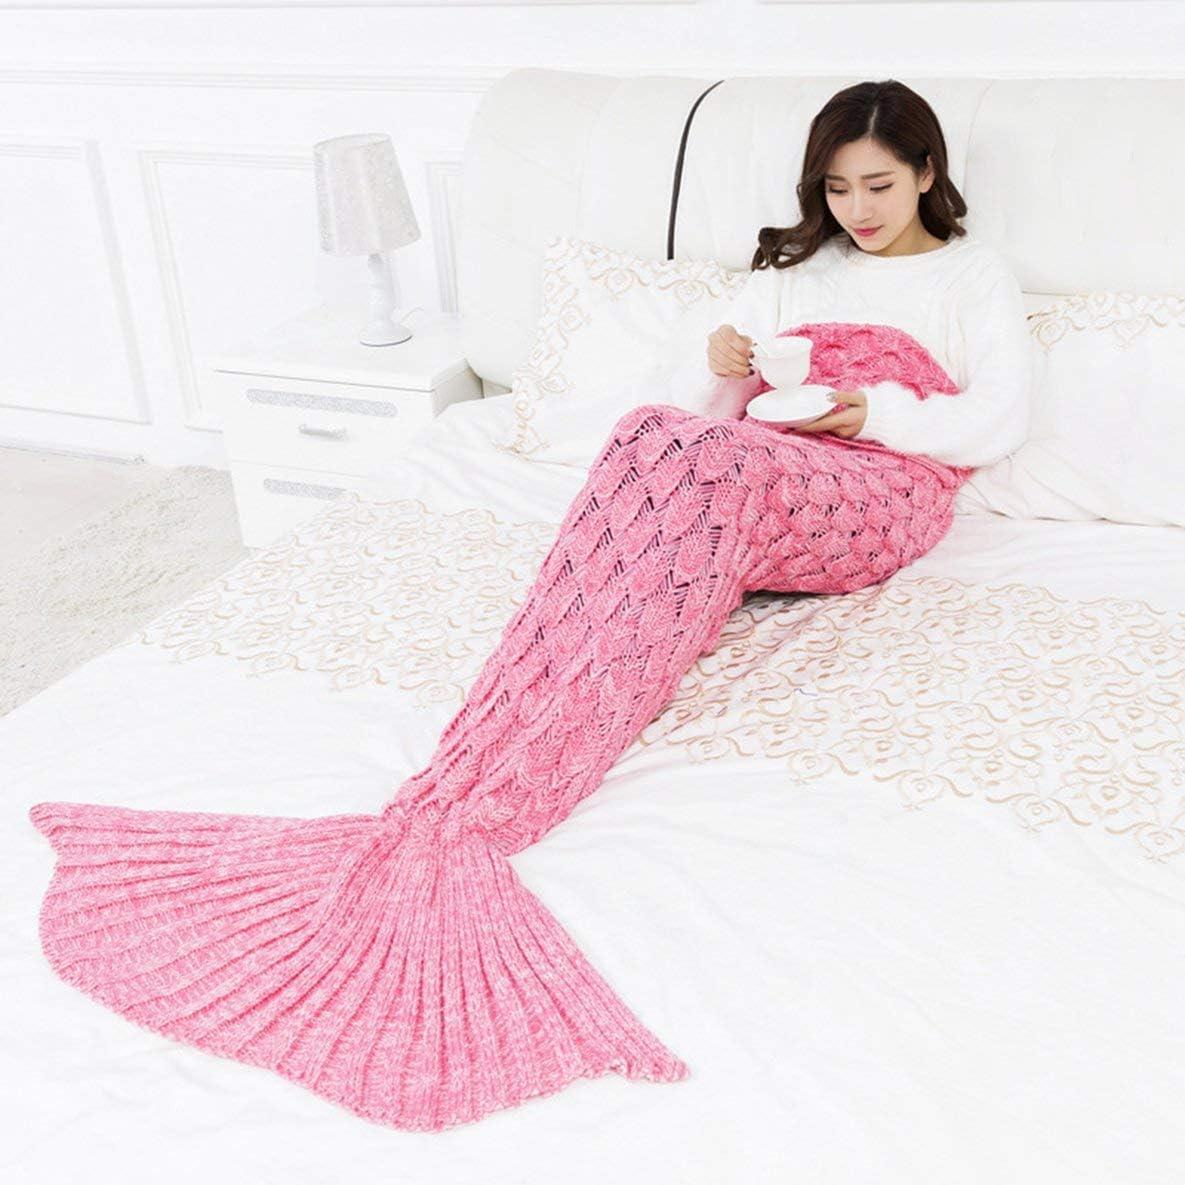 Moliies Mermaid Manta Hecho a Mano de Punto Sleeping Wrap TV Sofá Mermaid Tail Manta Niños Adultos Bebé Ganchillo Bolsa Ropa de Cama Lanza Bolsa